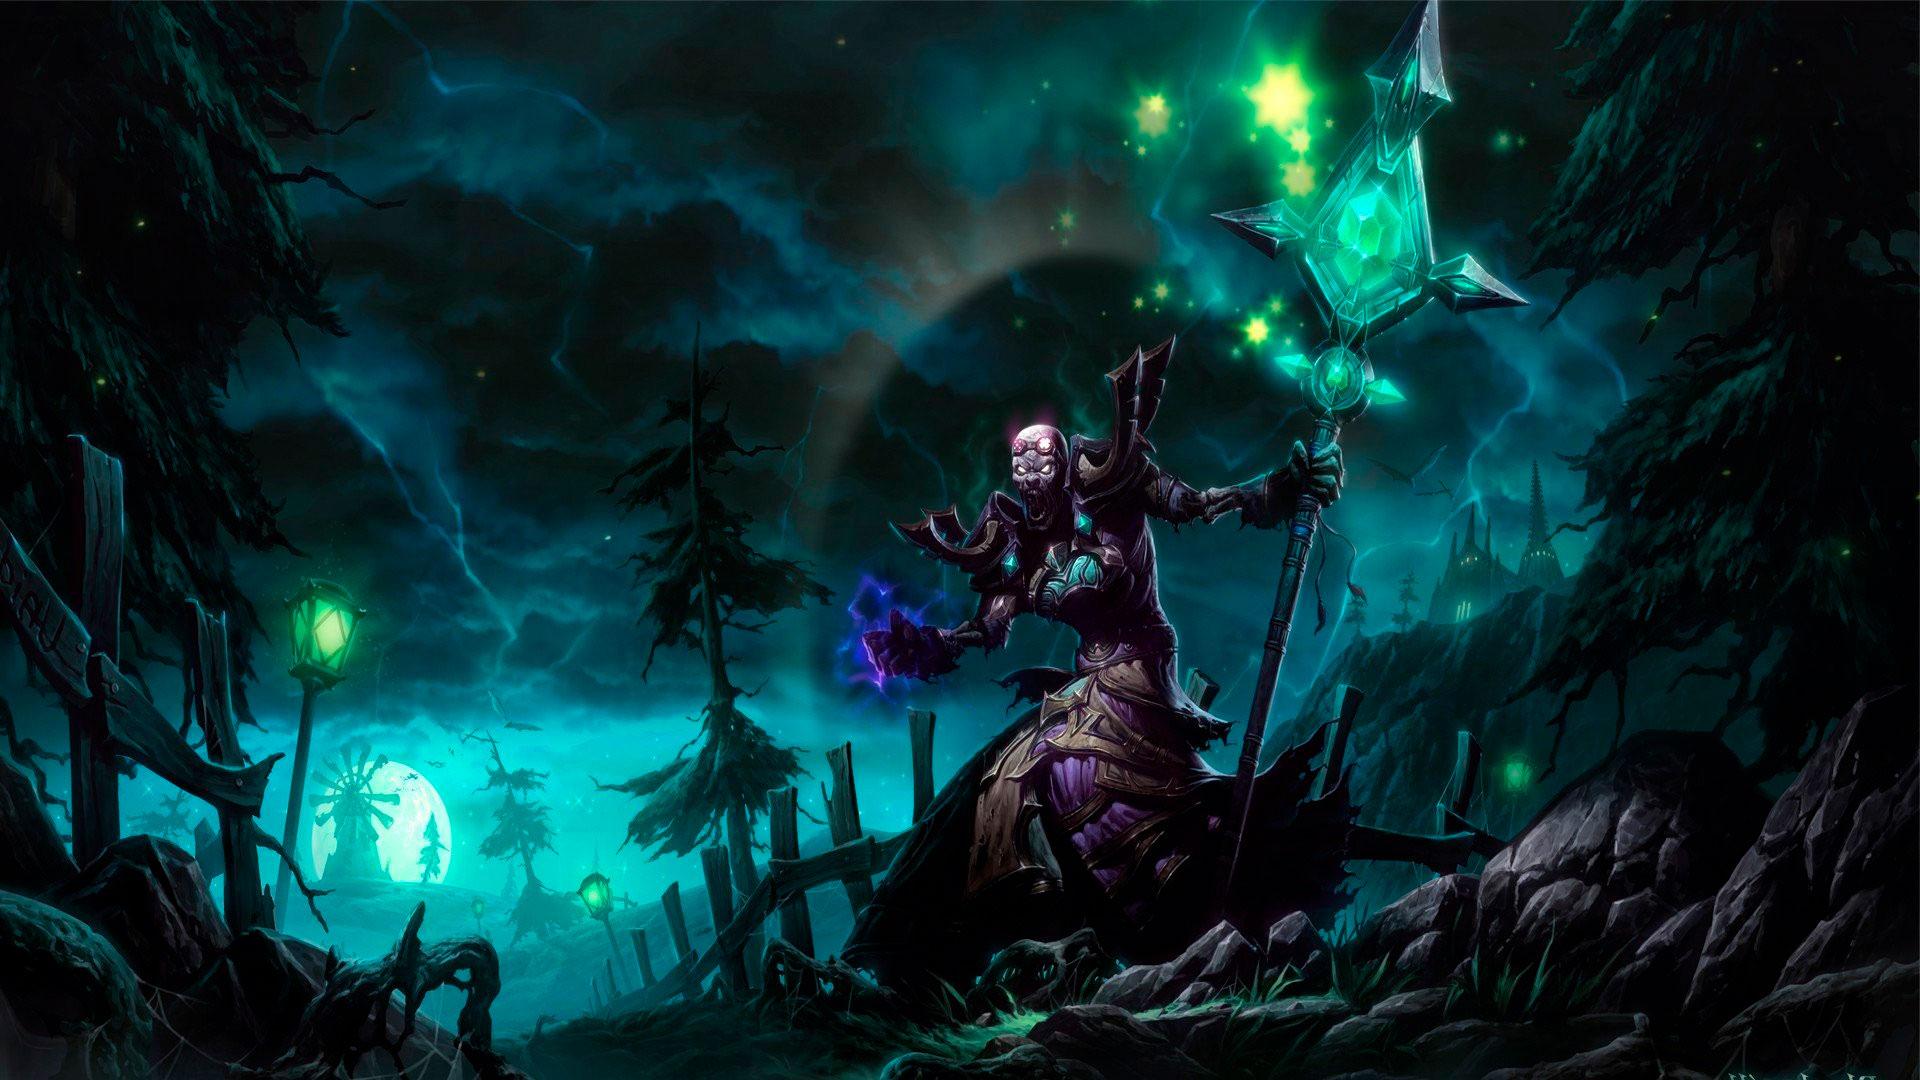 World of Warcraft красивые и крутые обои для рабочего стола 2